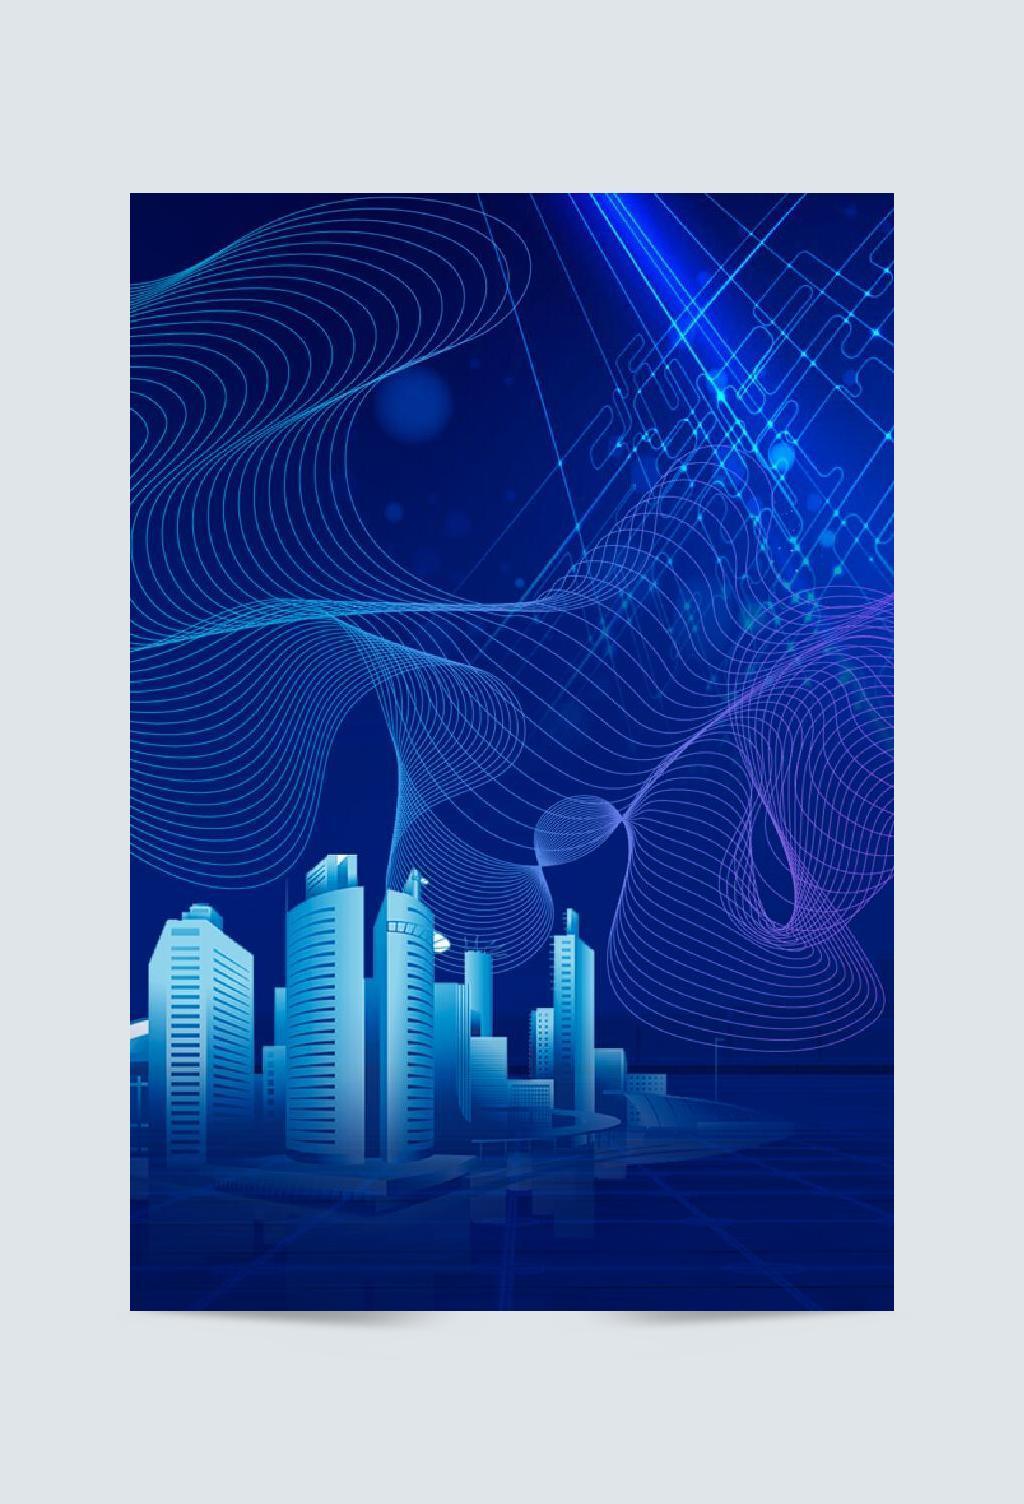 蓝色科技风商务背景素材